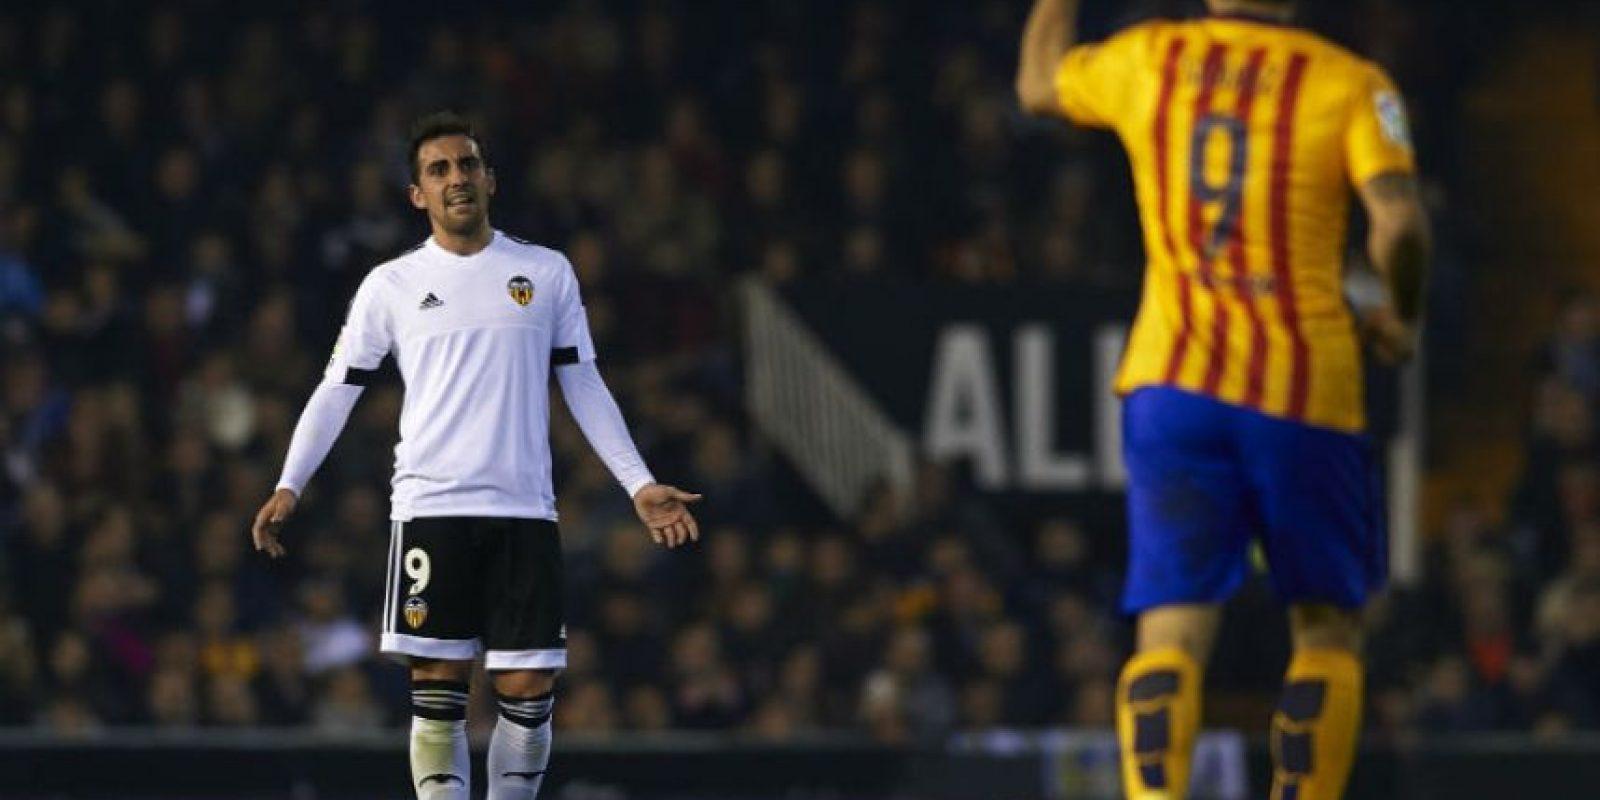 Protagonizan uno de los partidos de las semifinales de la Copa del Rey Foto:Getty Images